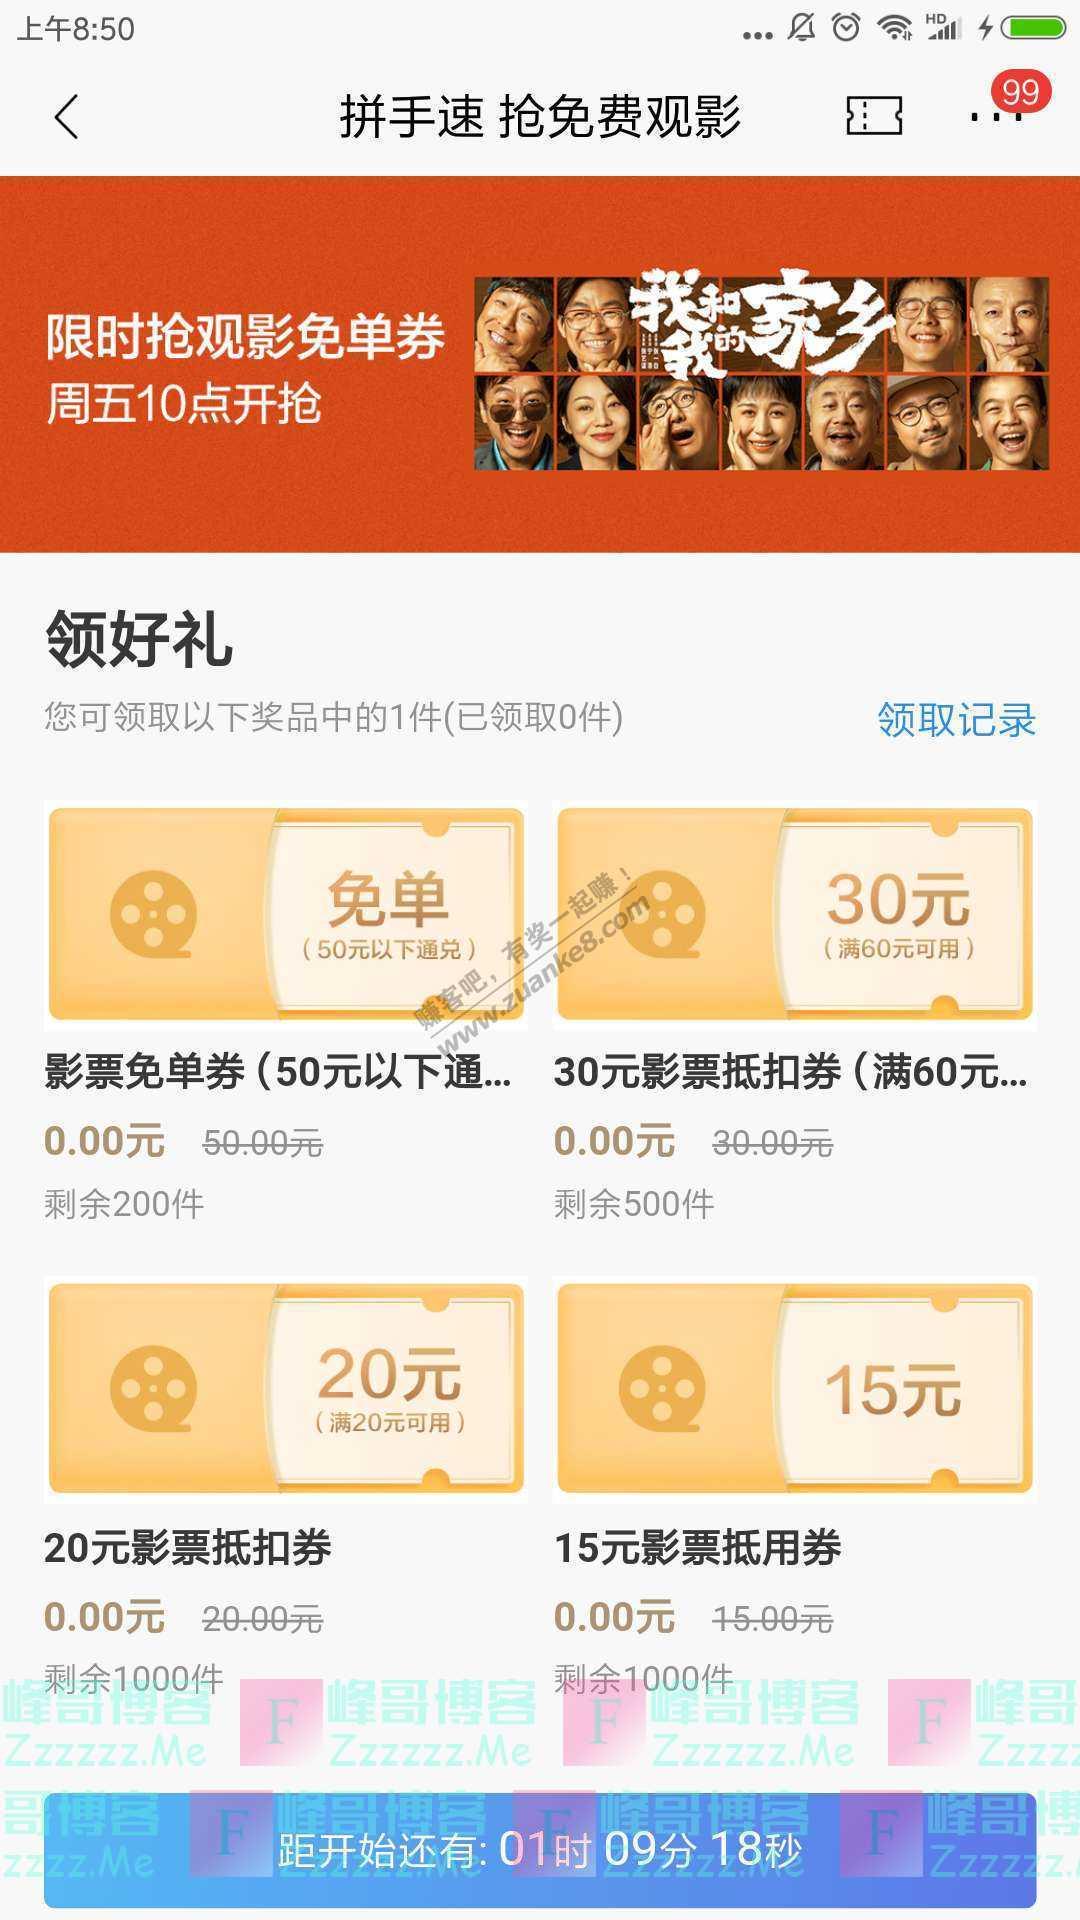 招商银行app拼手速抢免费观影(截止10月31日)